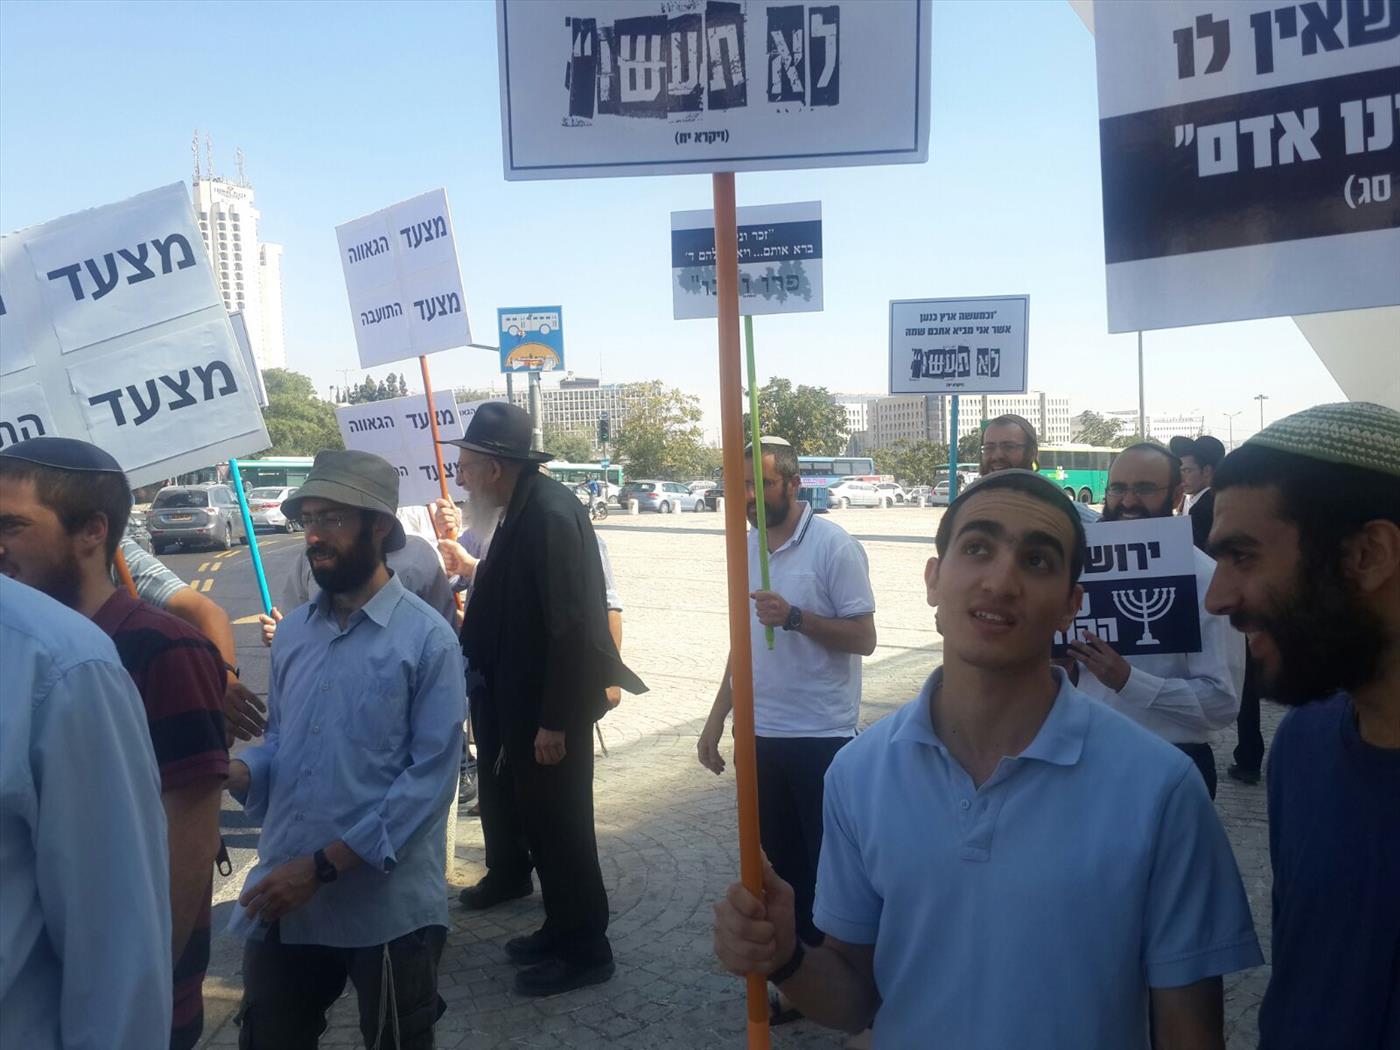 מחאה נגד המצעד. ארכיון צילום: יוסף פריסמן